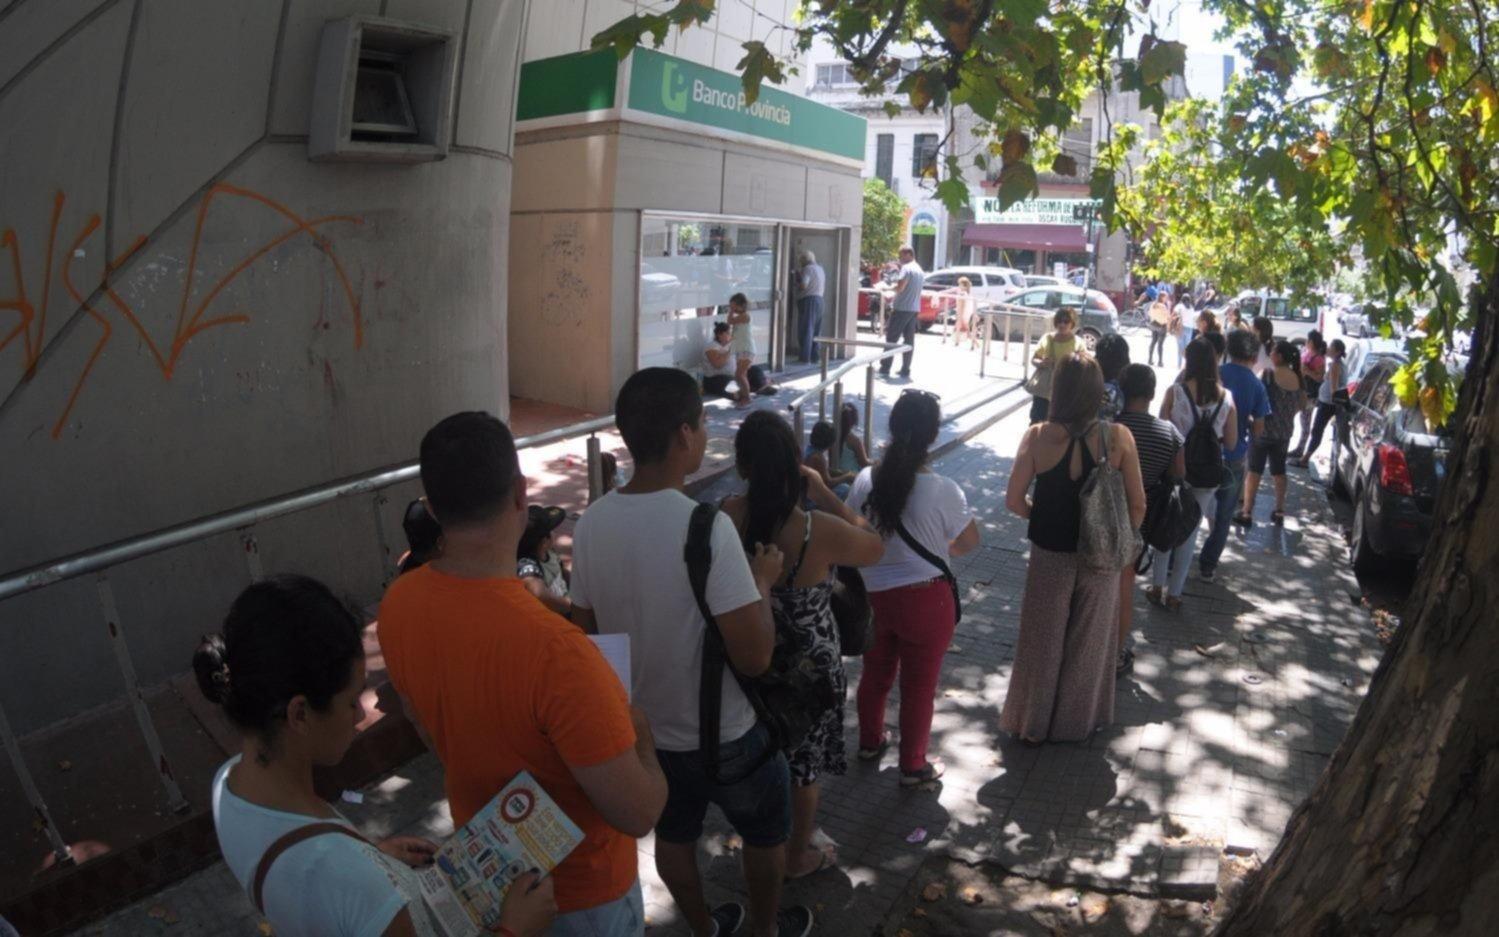 Los bancarios inician el paro y faltará plata el fin de semana largo